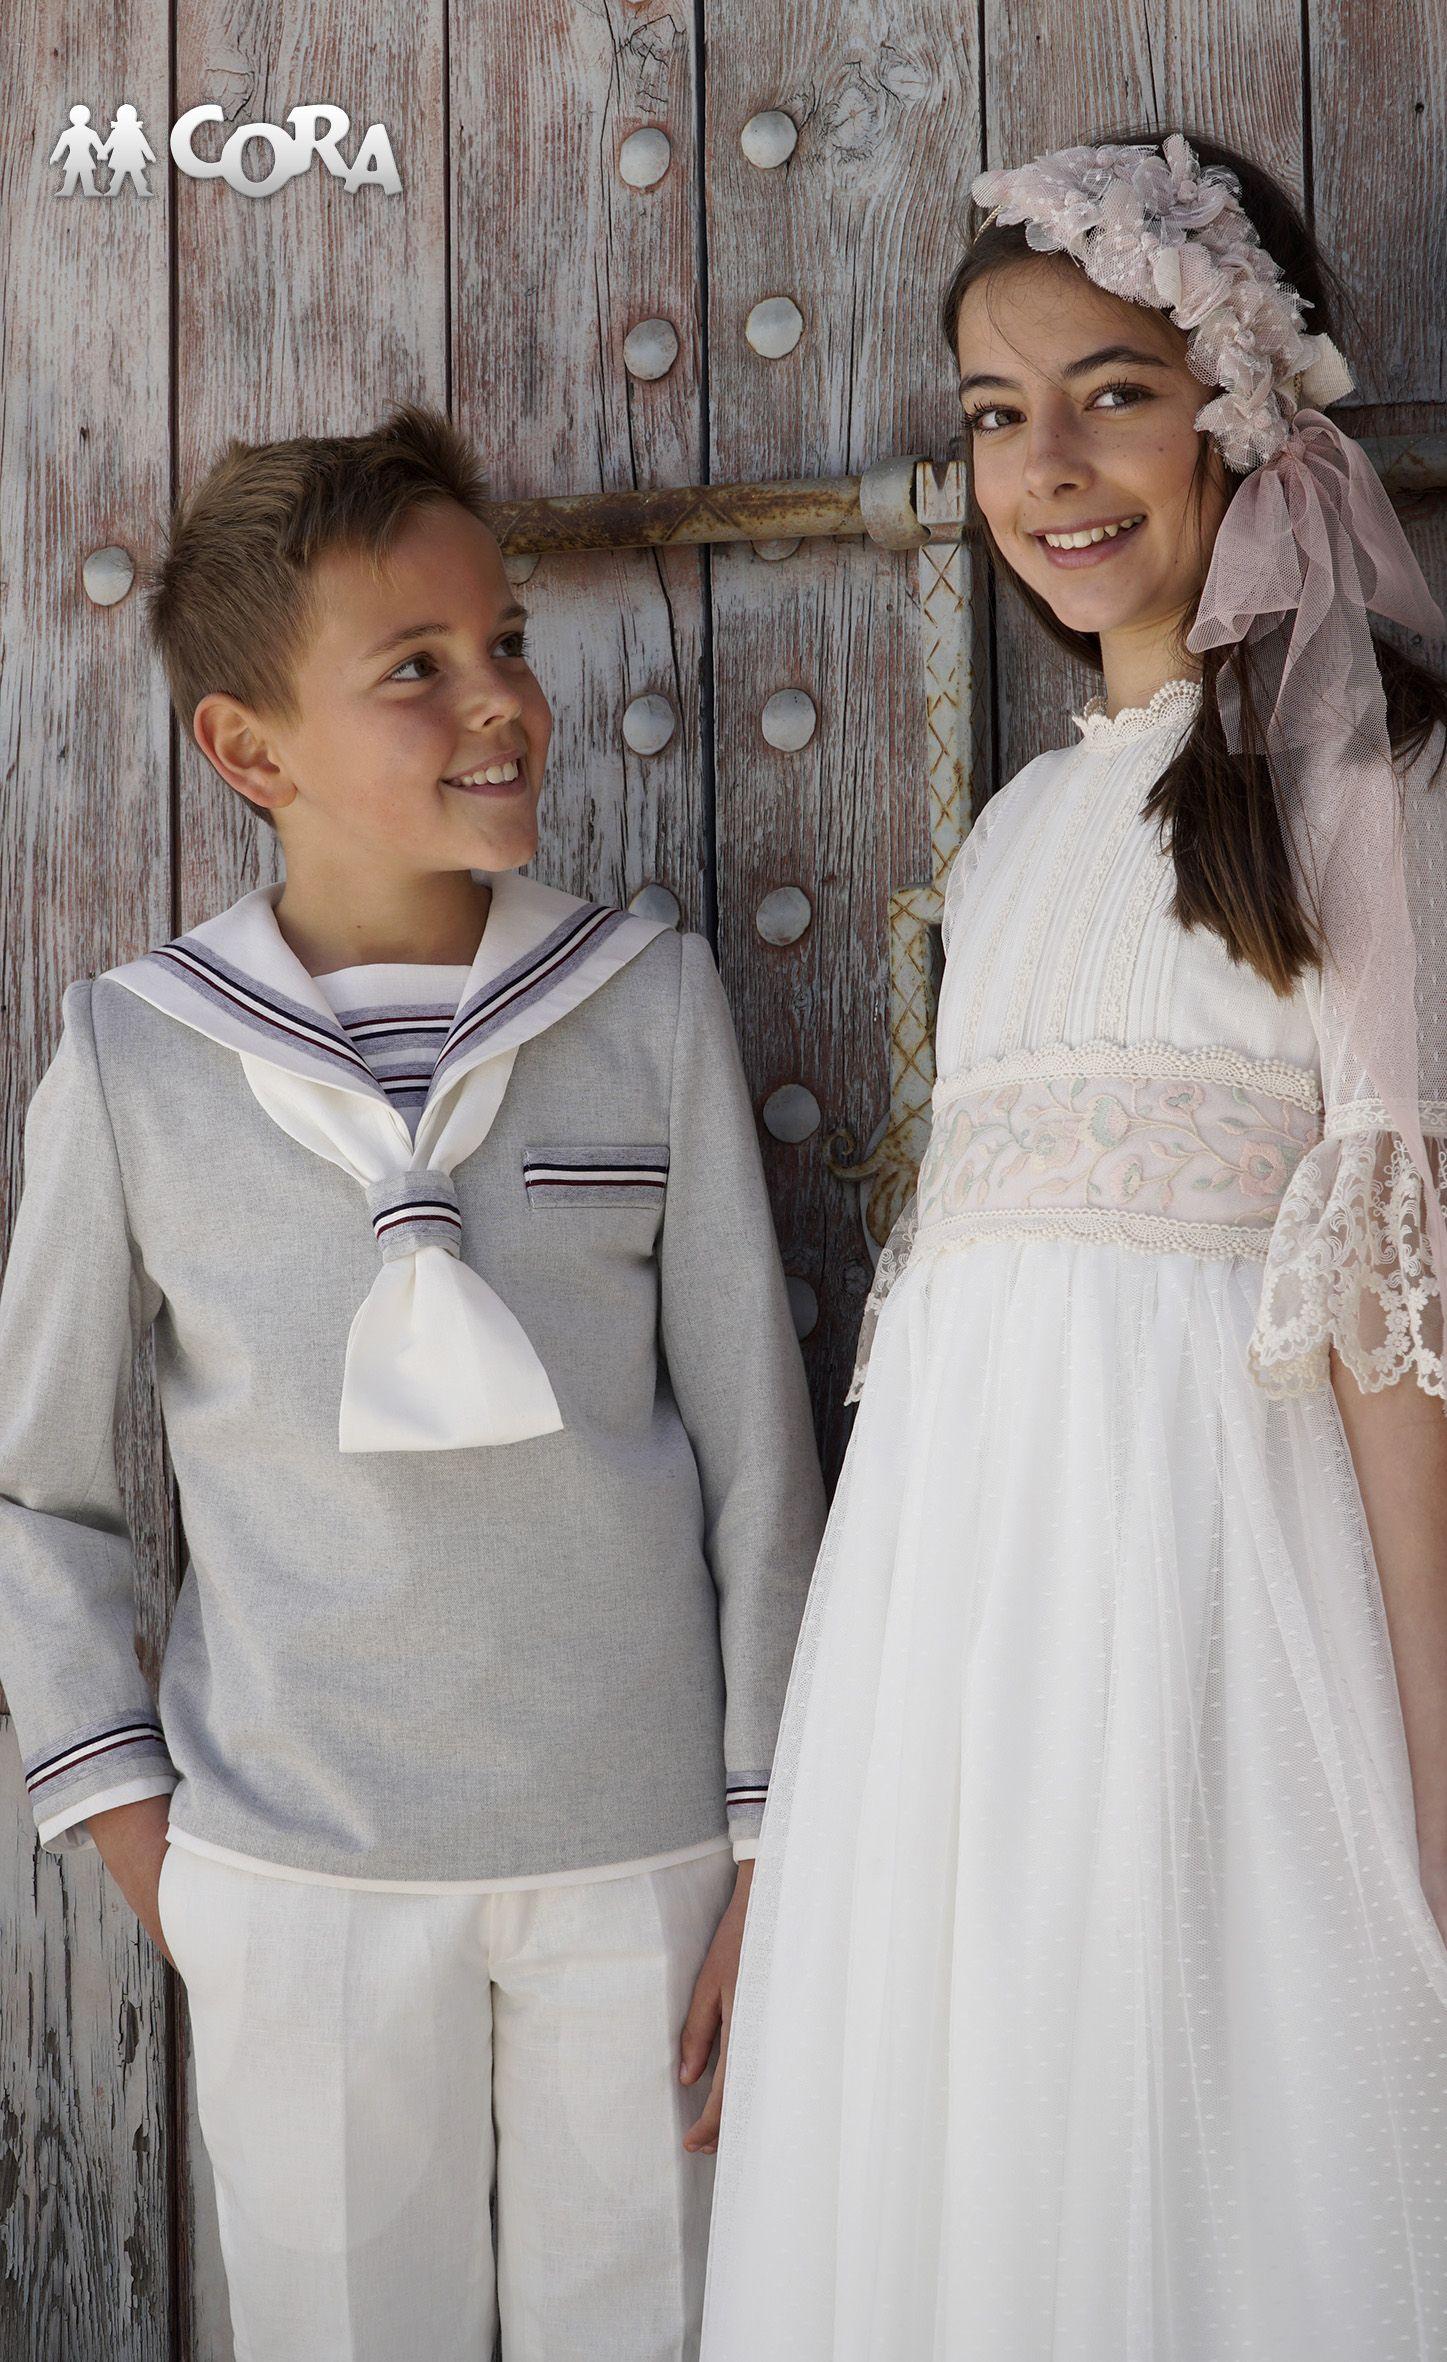 Tiendas de vestidos de comunion en cordoba